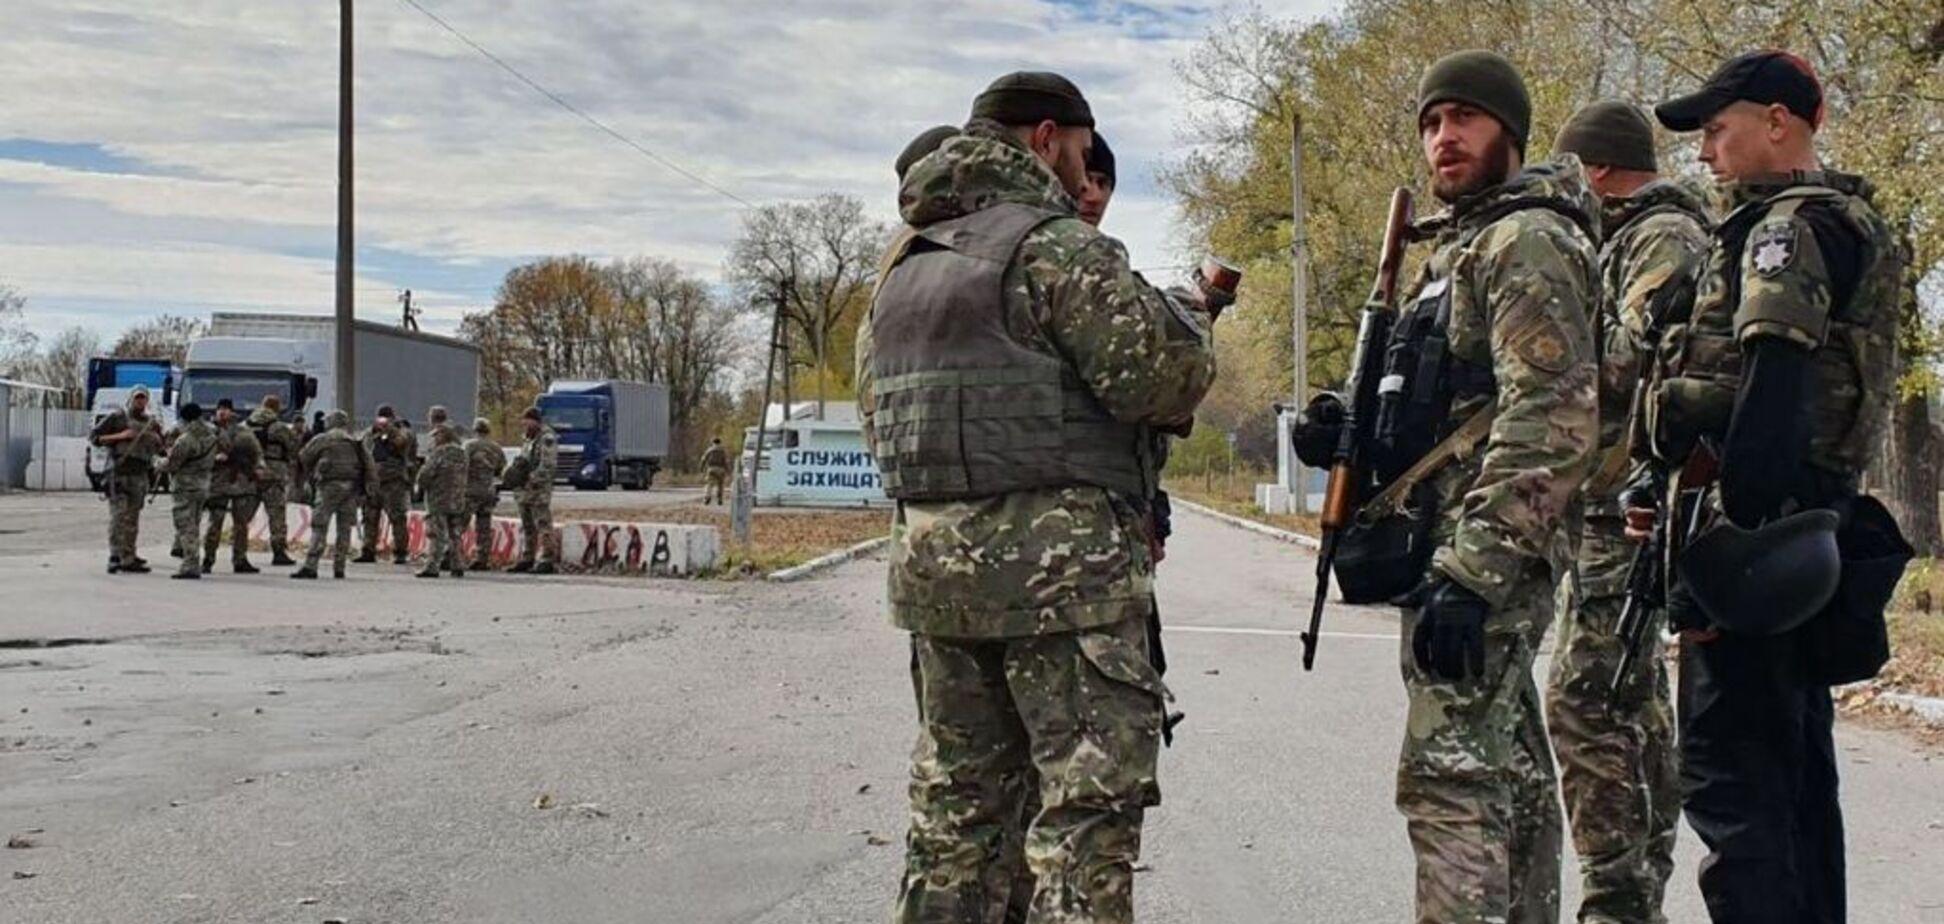 Розведення військ не буде: генерал розкрив прийом Путіна